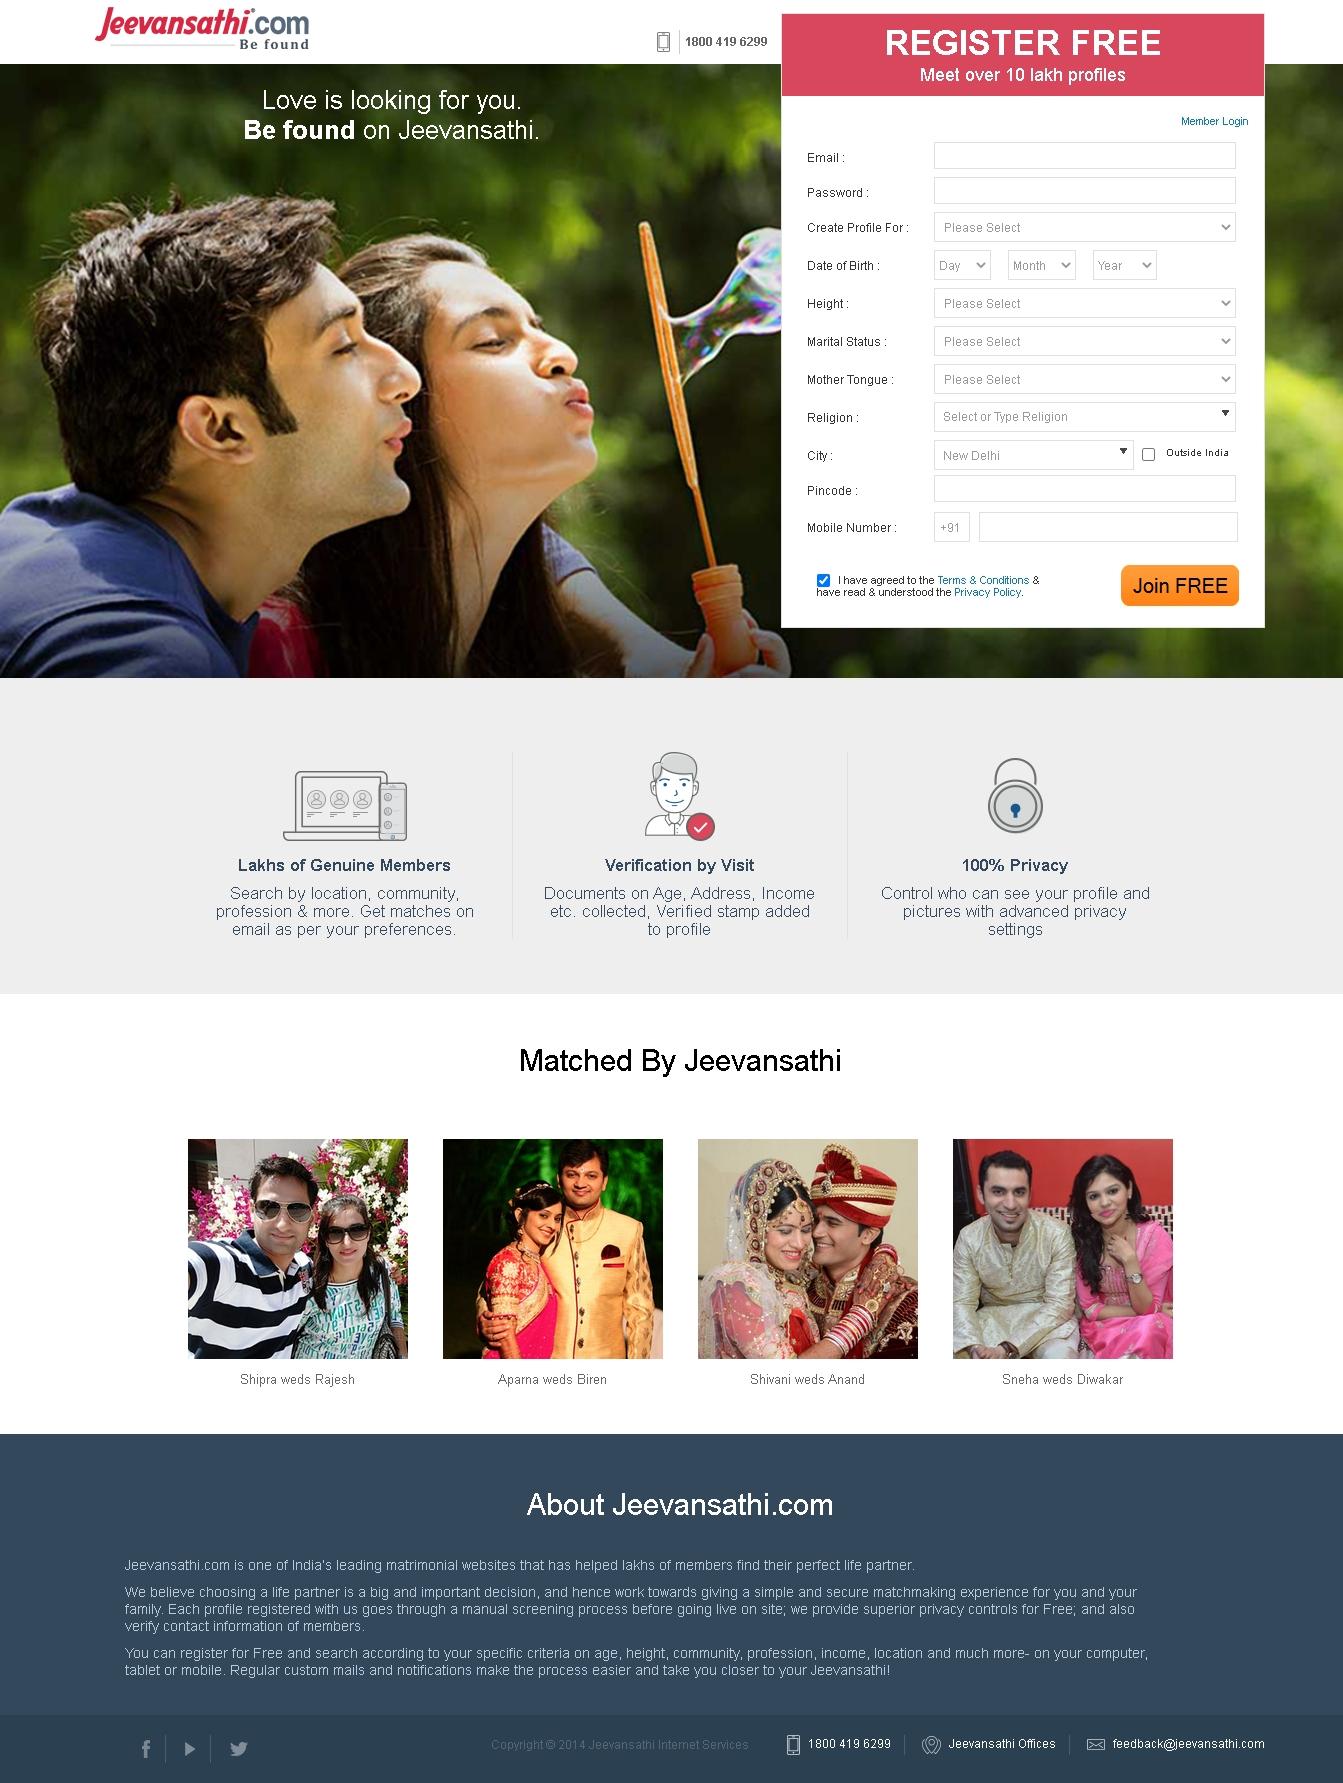 विधवा शादी के रिश्ते फोन नंबर सेकंड शादी प्रोफाइल मोबाइल नंबर